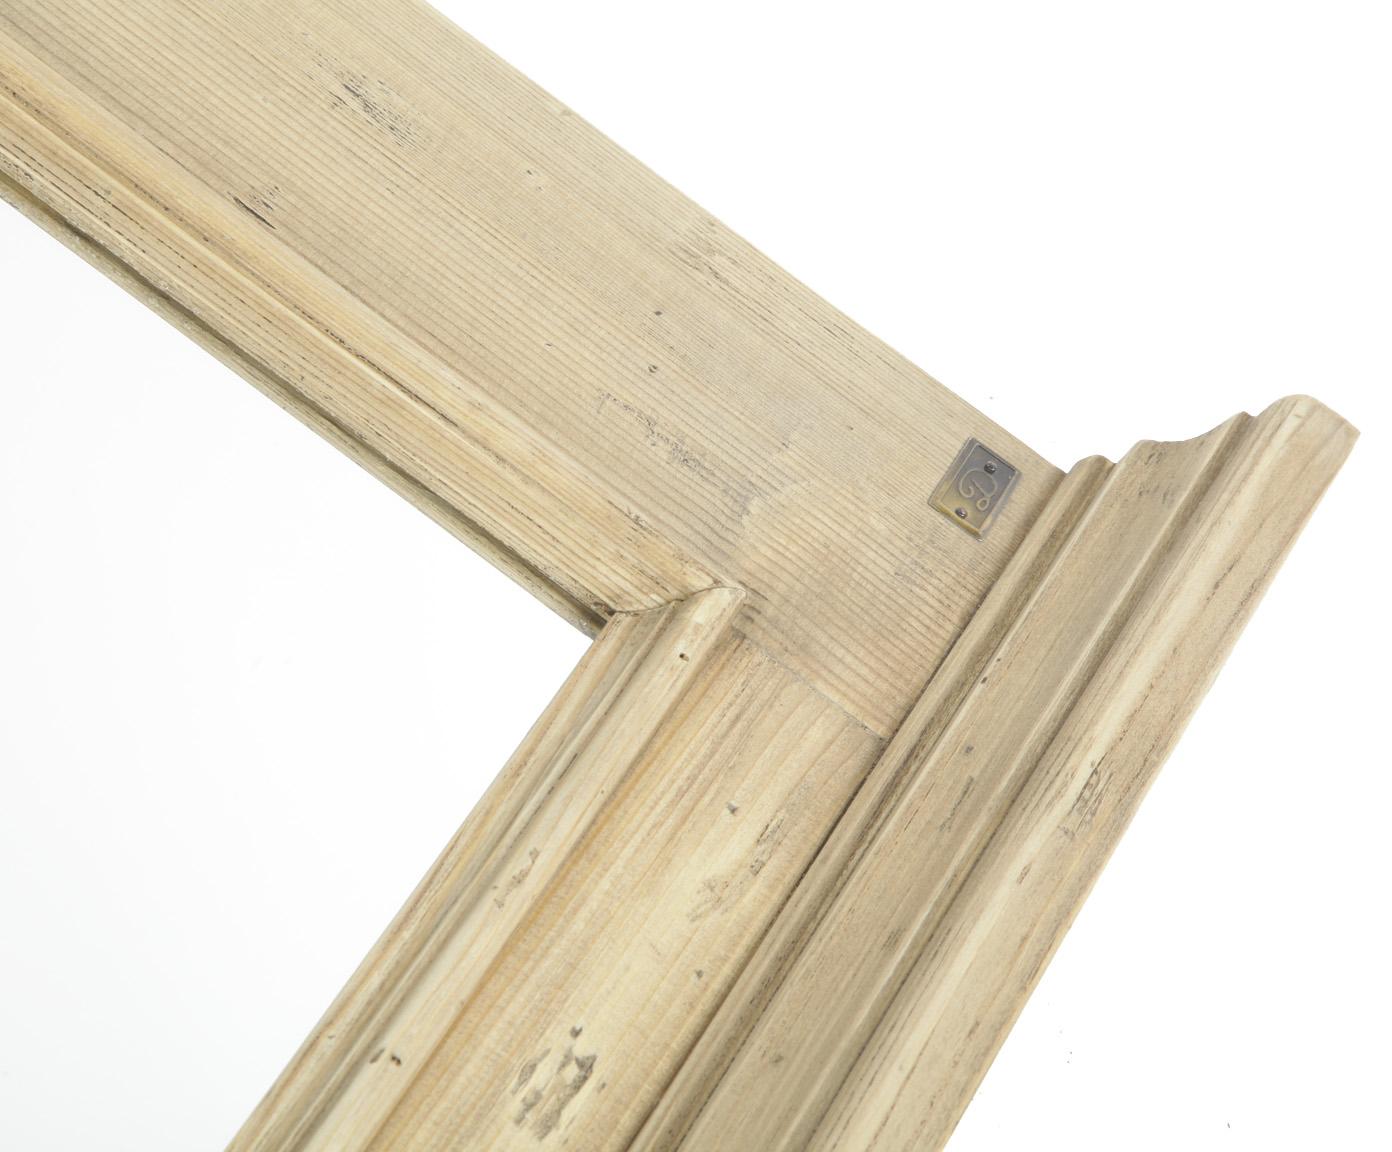 Зеркало настенноеНастенные зеркала<br>Несомненным преимуществом цветной мебели &amp;quot;Кантри&amp;quot; является ее высокое качество. Коллекция изготовлена в Румынии и выполнена полностью из массива дерева (средиземноморская сосна). Мебель &amp;quot;Кантри&amp;quot; из массива рассчитана на длительное и активное использование.<br>Кроме того, большая часть предметов коллекции  &amp;quot;Кантри&amp;quot; покрыта двумя слоями красок разных цветов и запатинирована. Искусственная состаренность придает мебели особый теплый деревенский шарм.<br><br>Material: Сосна<br>Length см: None<br>Width см: 86<br>Depth см: 3<br>Height см: 105<br>Diameter см: None